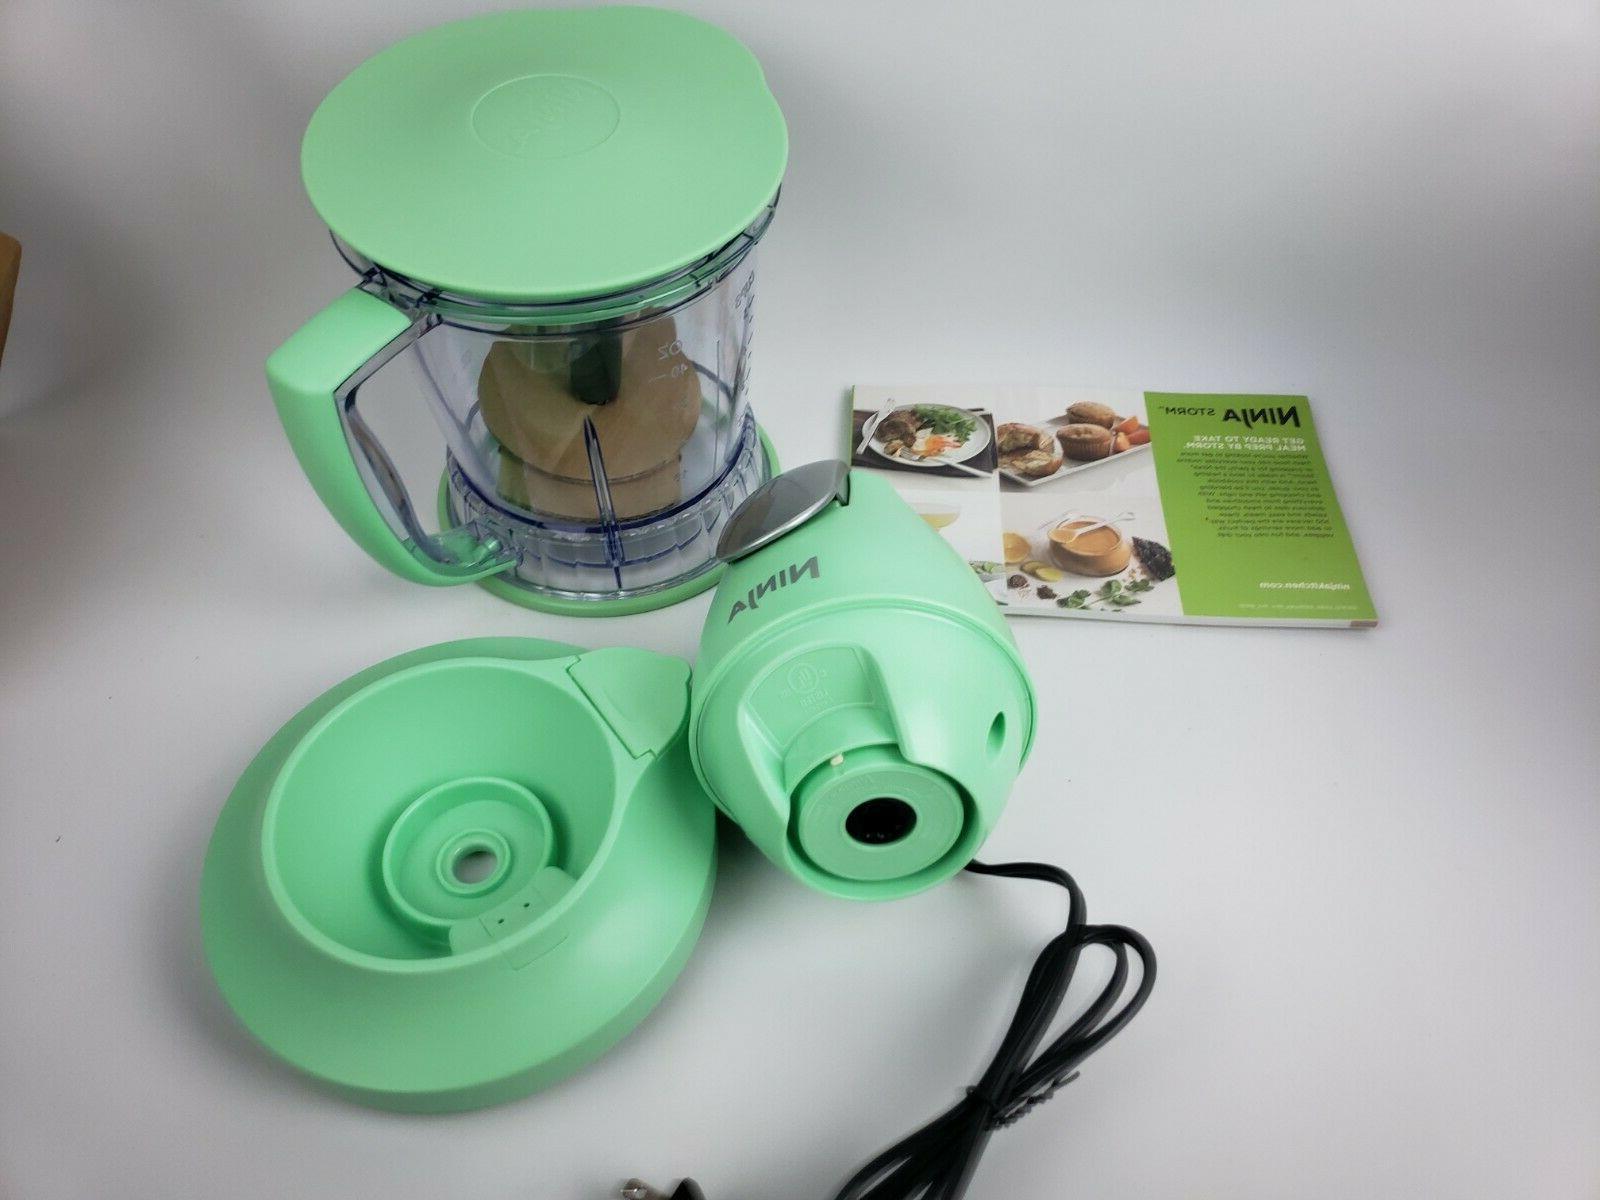 storm food processor blender model qb751q 450w